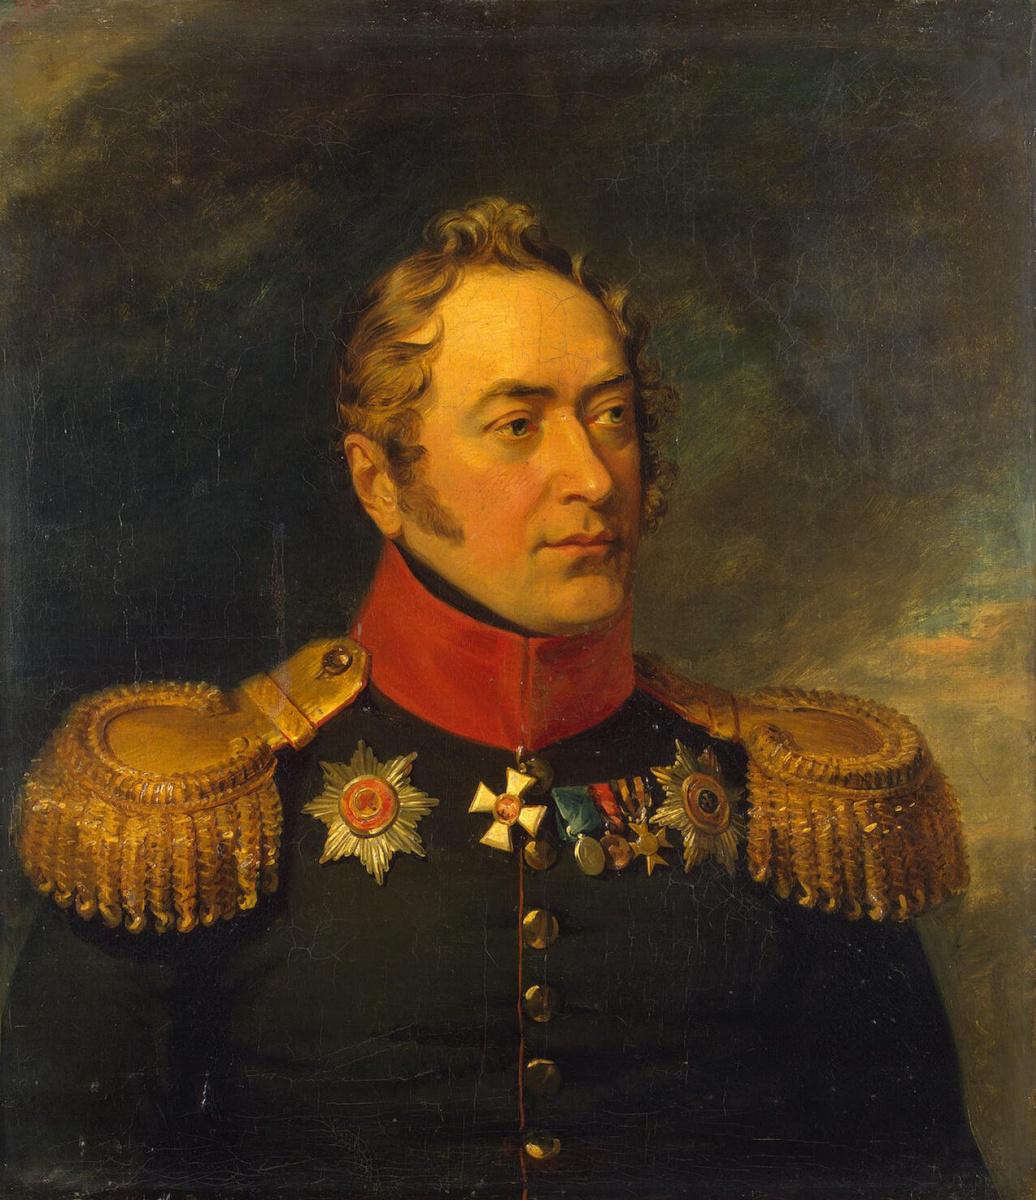 Джордж Доу. Портрет Николая Николаевича Хованского